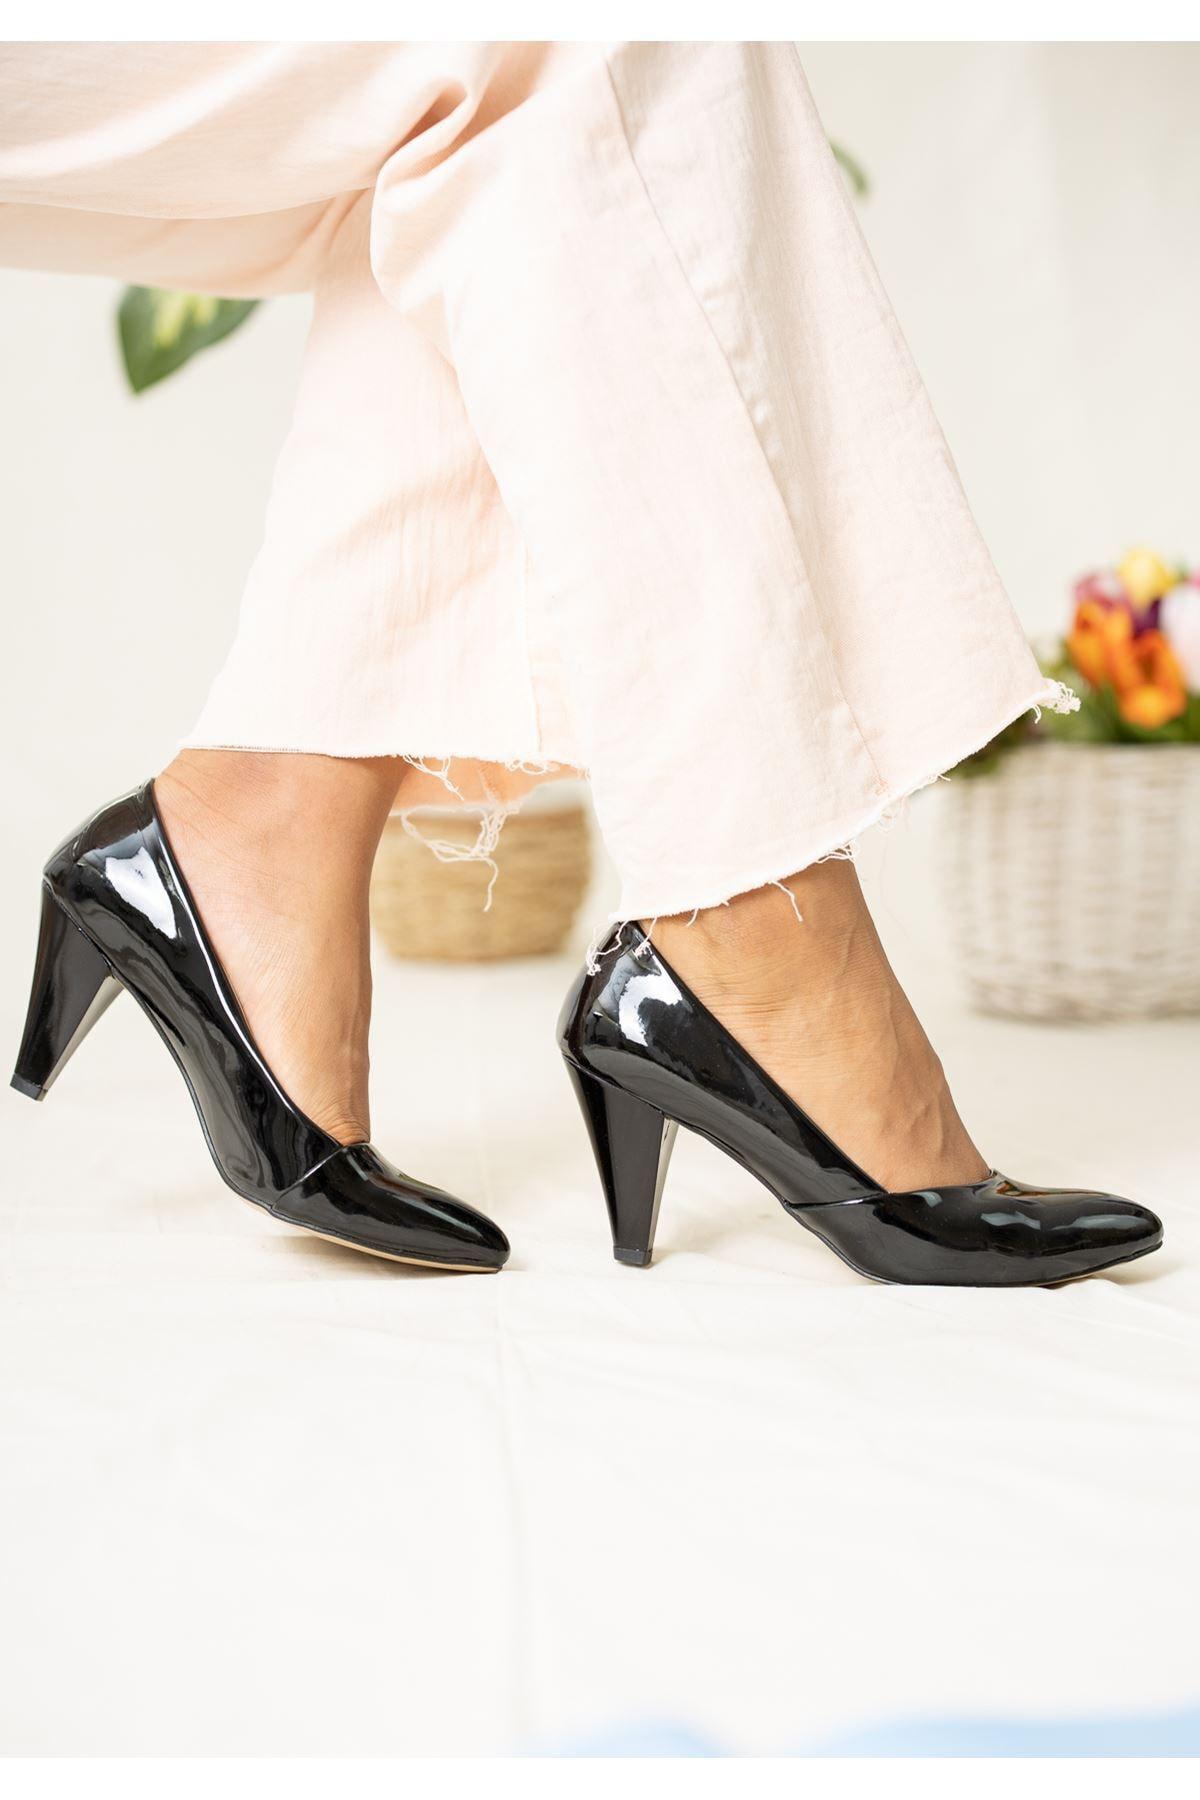 epaavm Kadın Siyah Sivri Burun Rugan Topuklu Ayakkabı